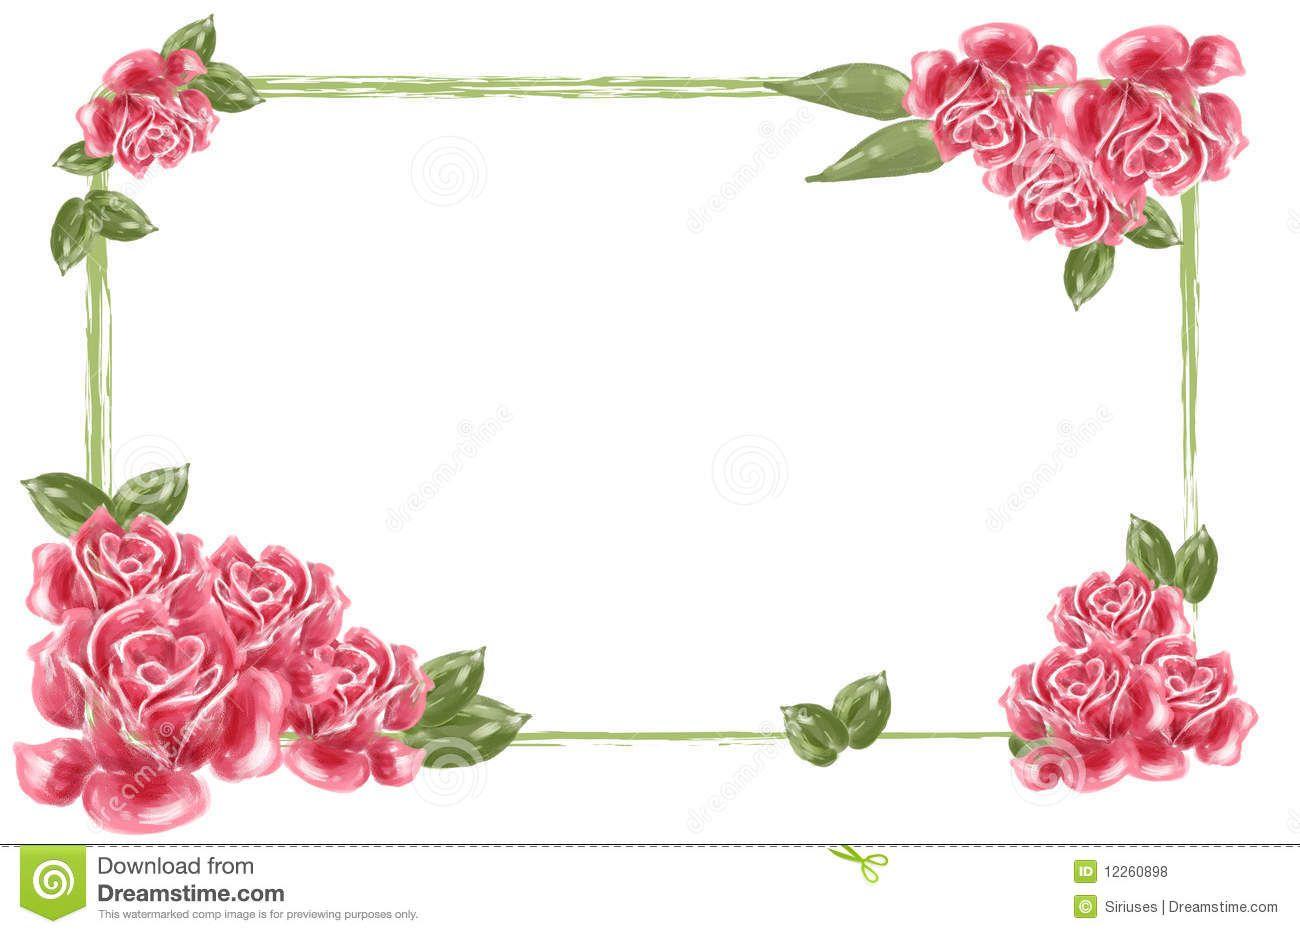 Flower Wall Paper Border Kampa Luckincsolutions Org